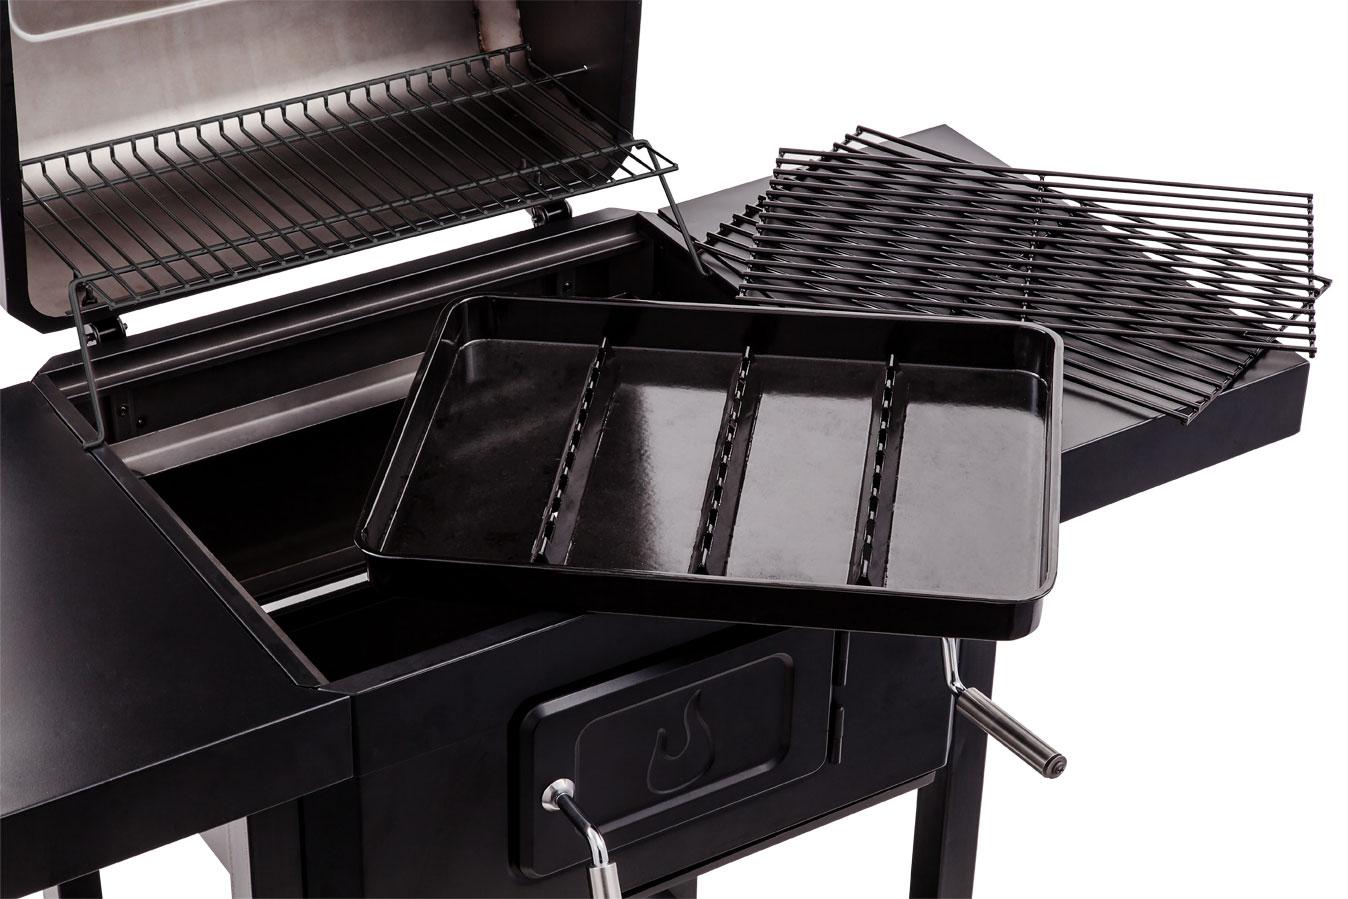 char broil holzkohlegrill grillwagen performance charcoal 2600 bei. Black Bedroom Furniture Sets. Home Design Ideas